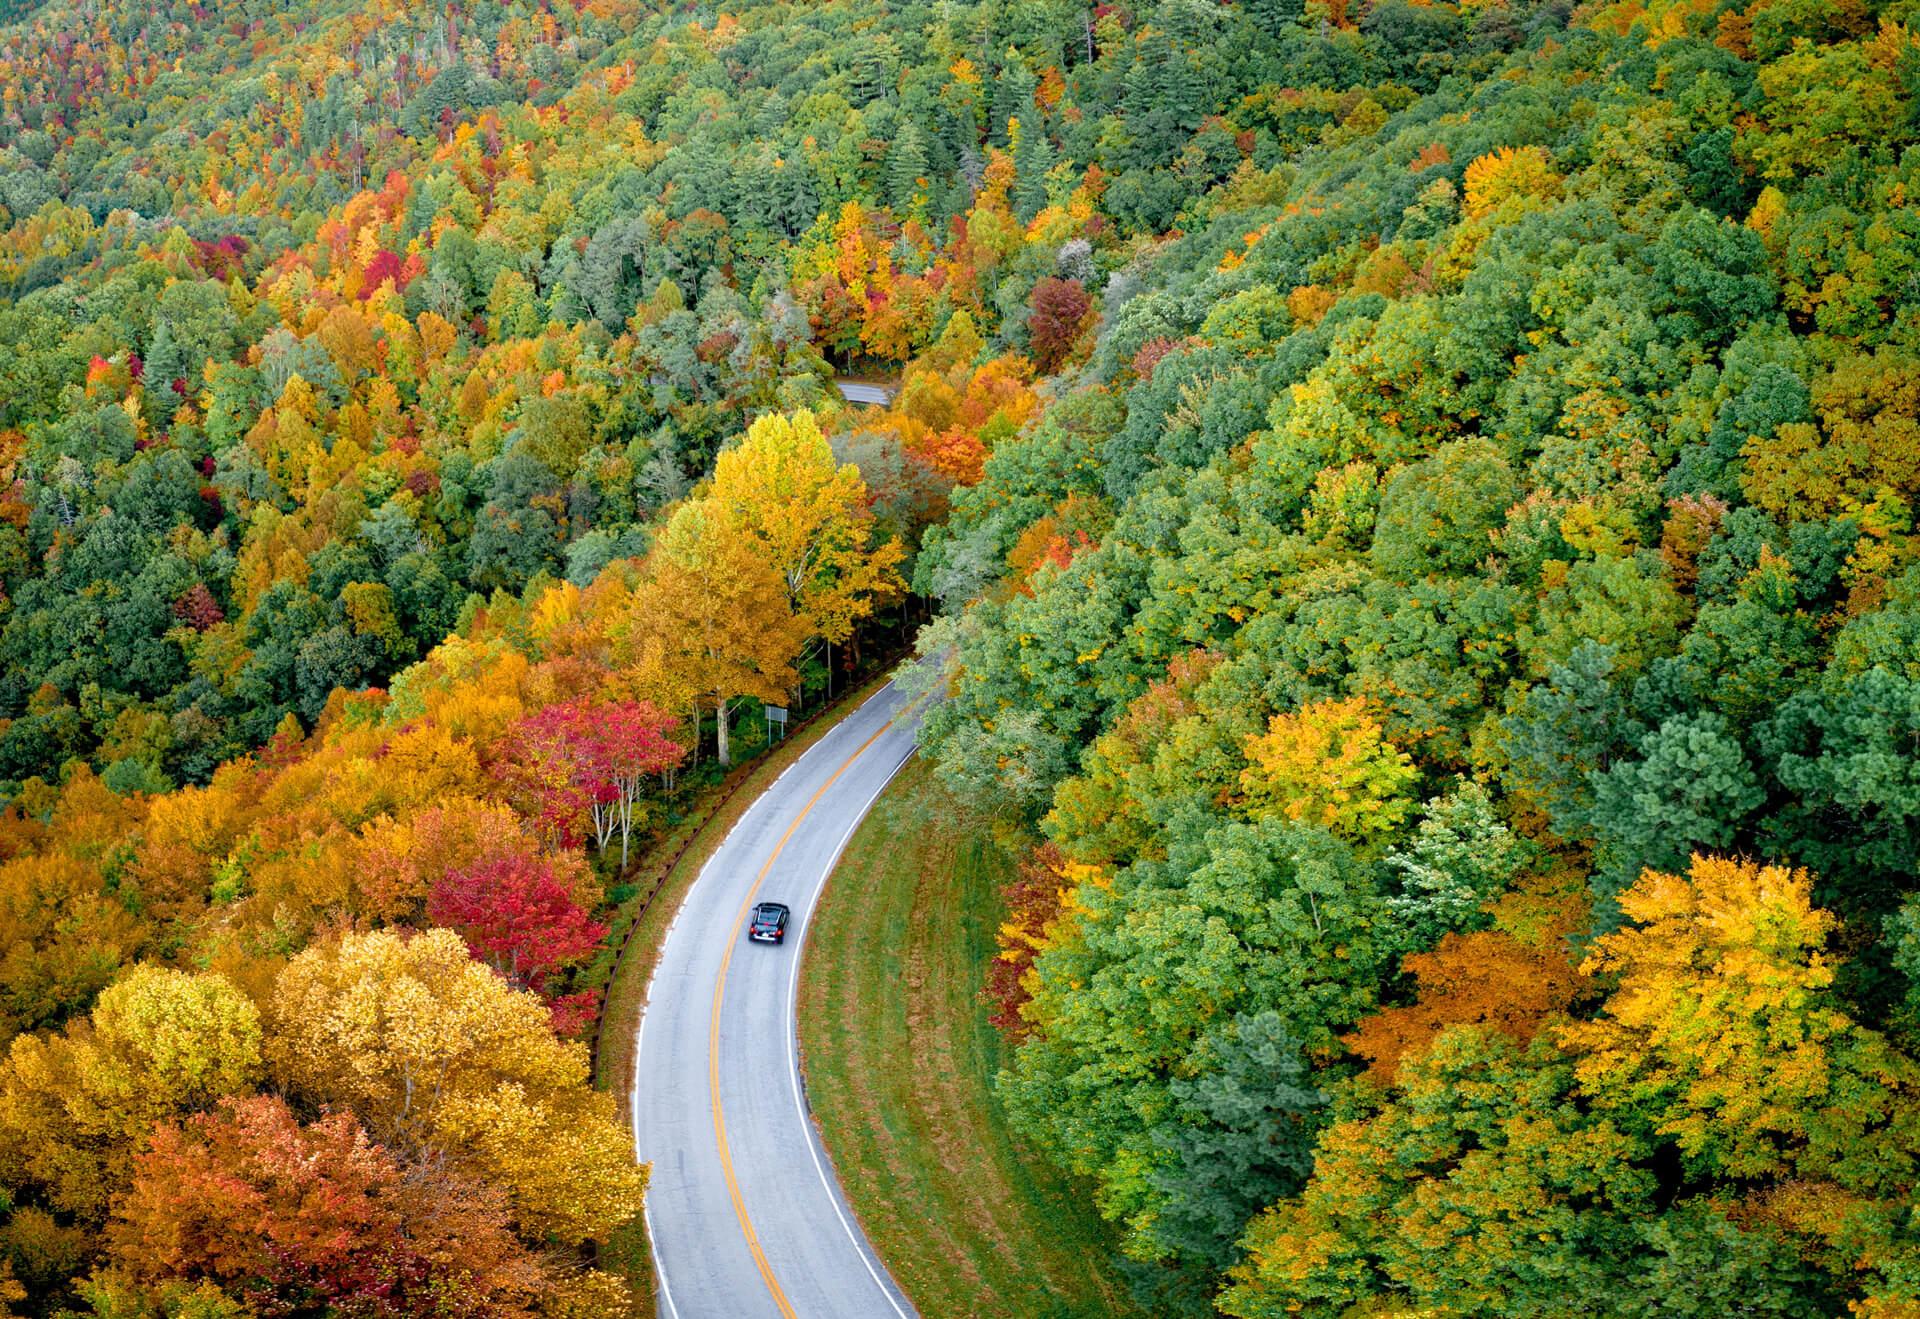 Hình nền con đường xuyên rừng khi trời vào thu